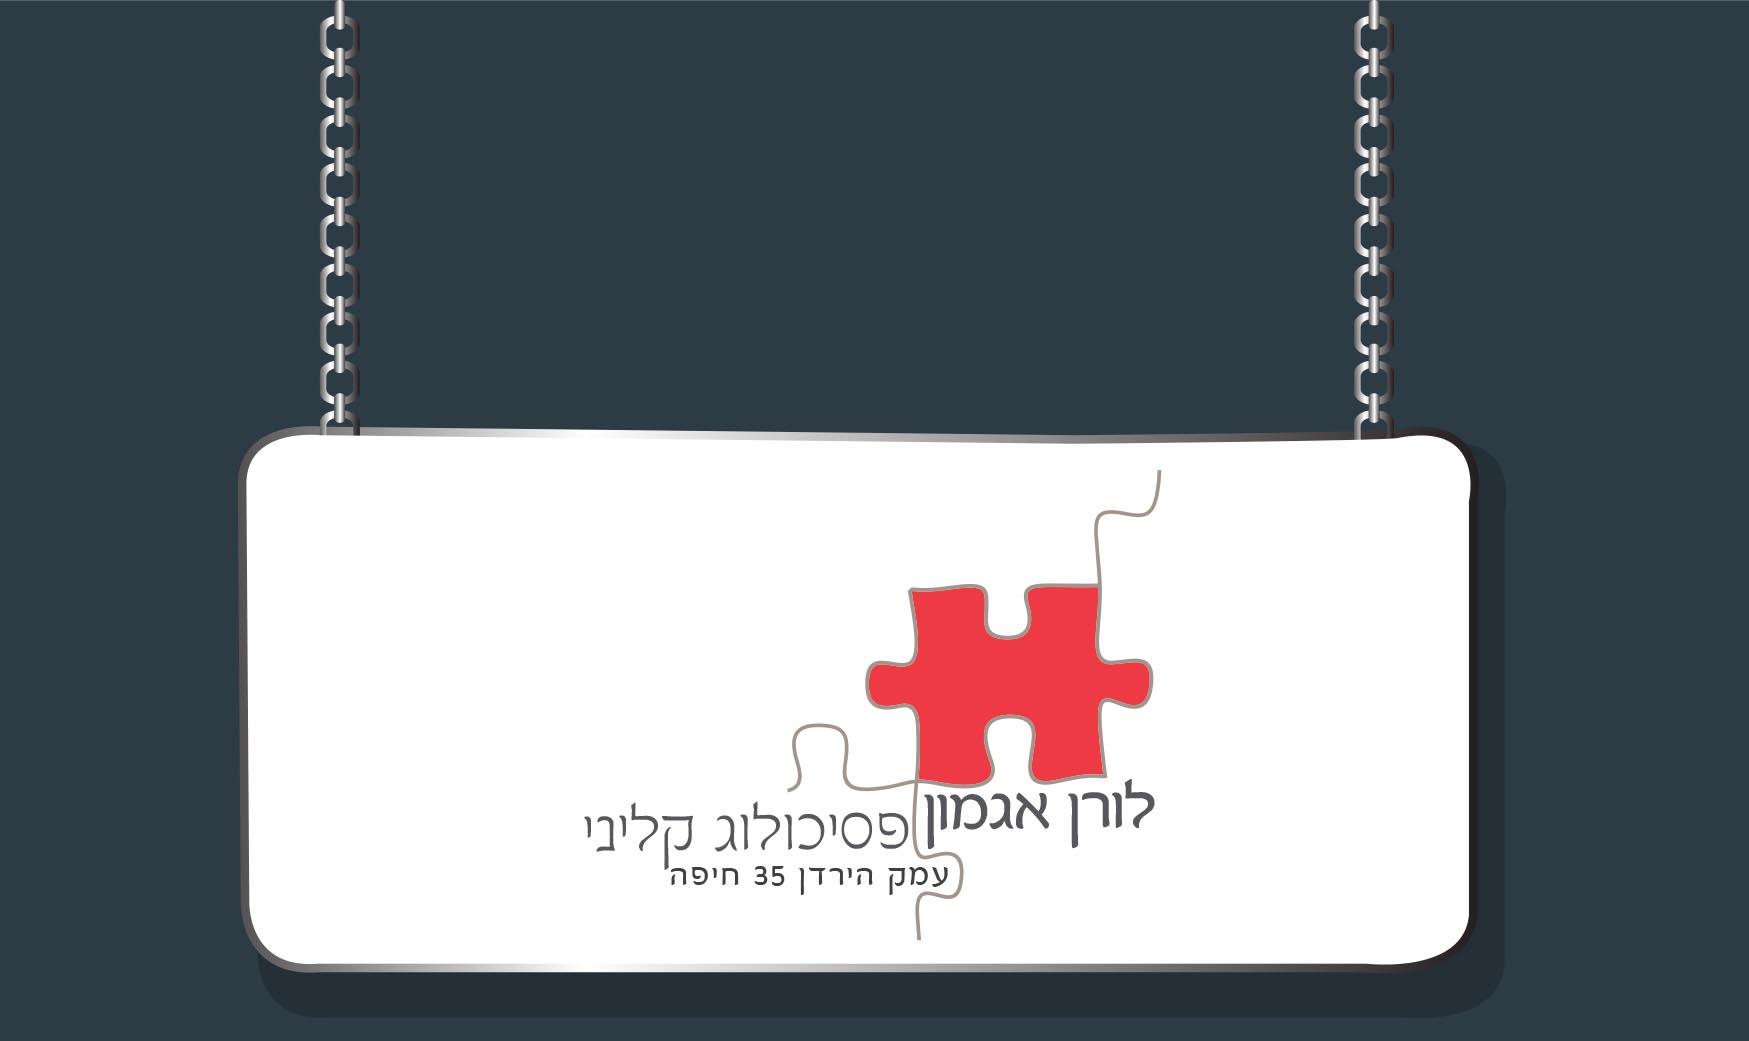 עיצוב לוגו לפסיכולוגים